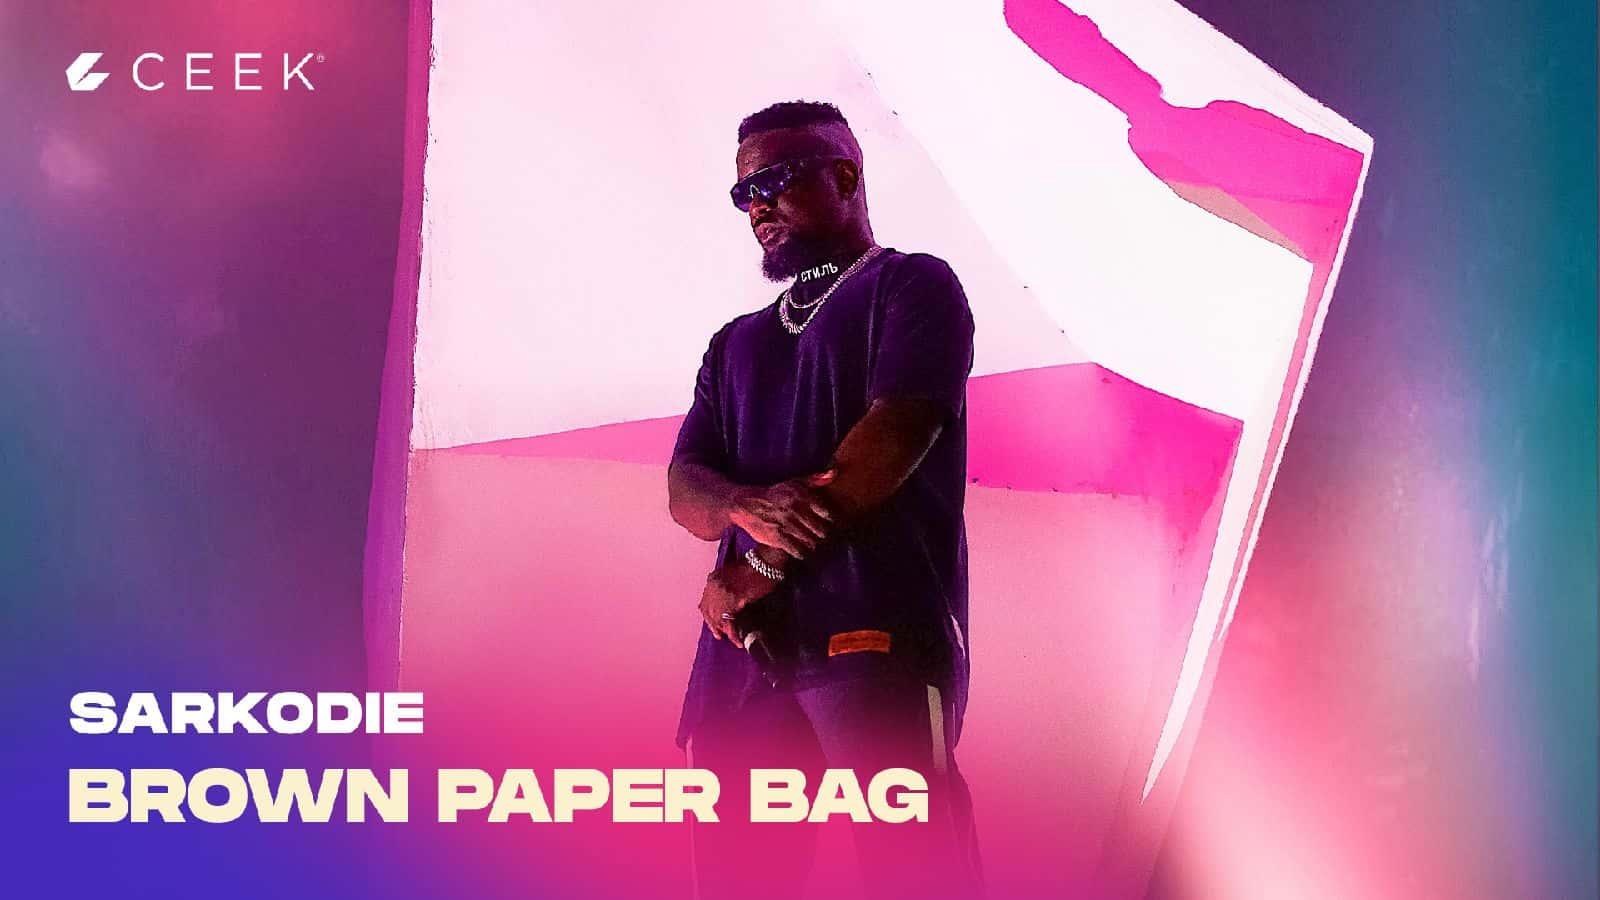 Brown Paper Bag ceek.com